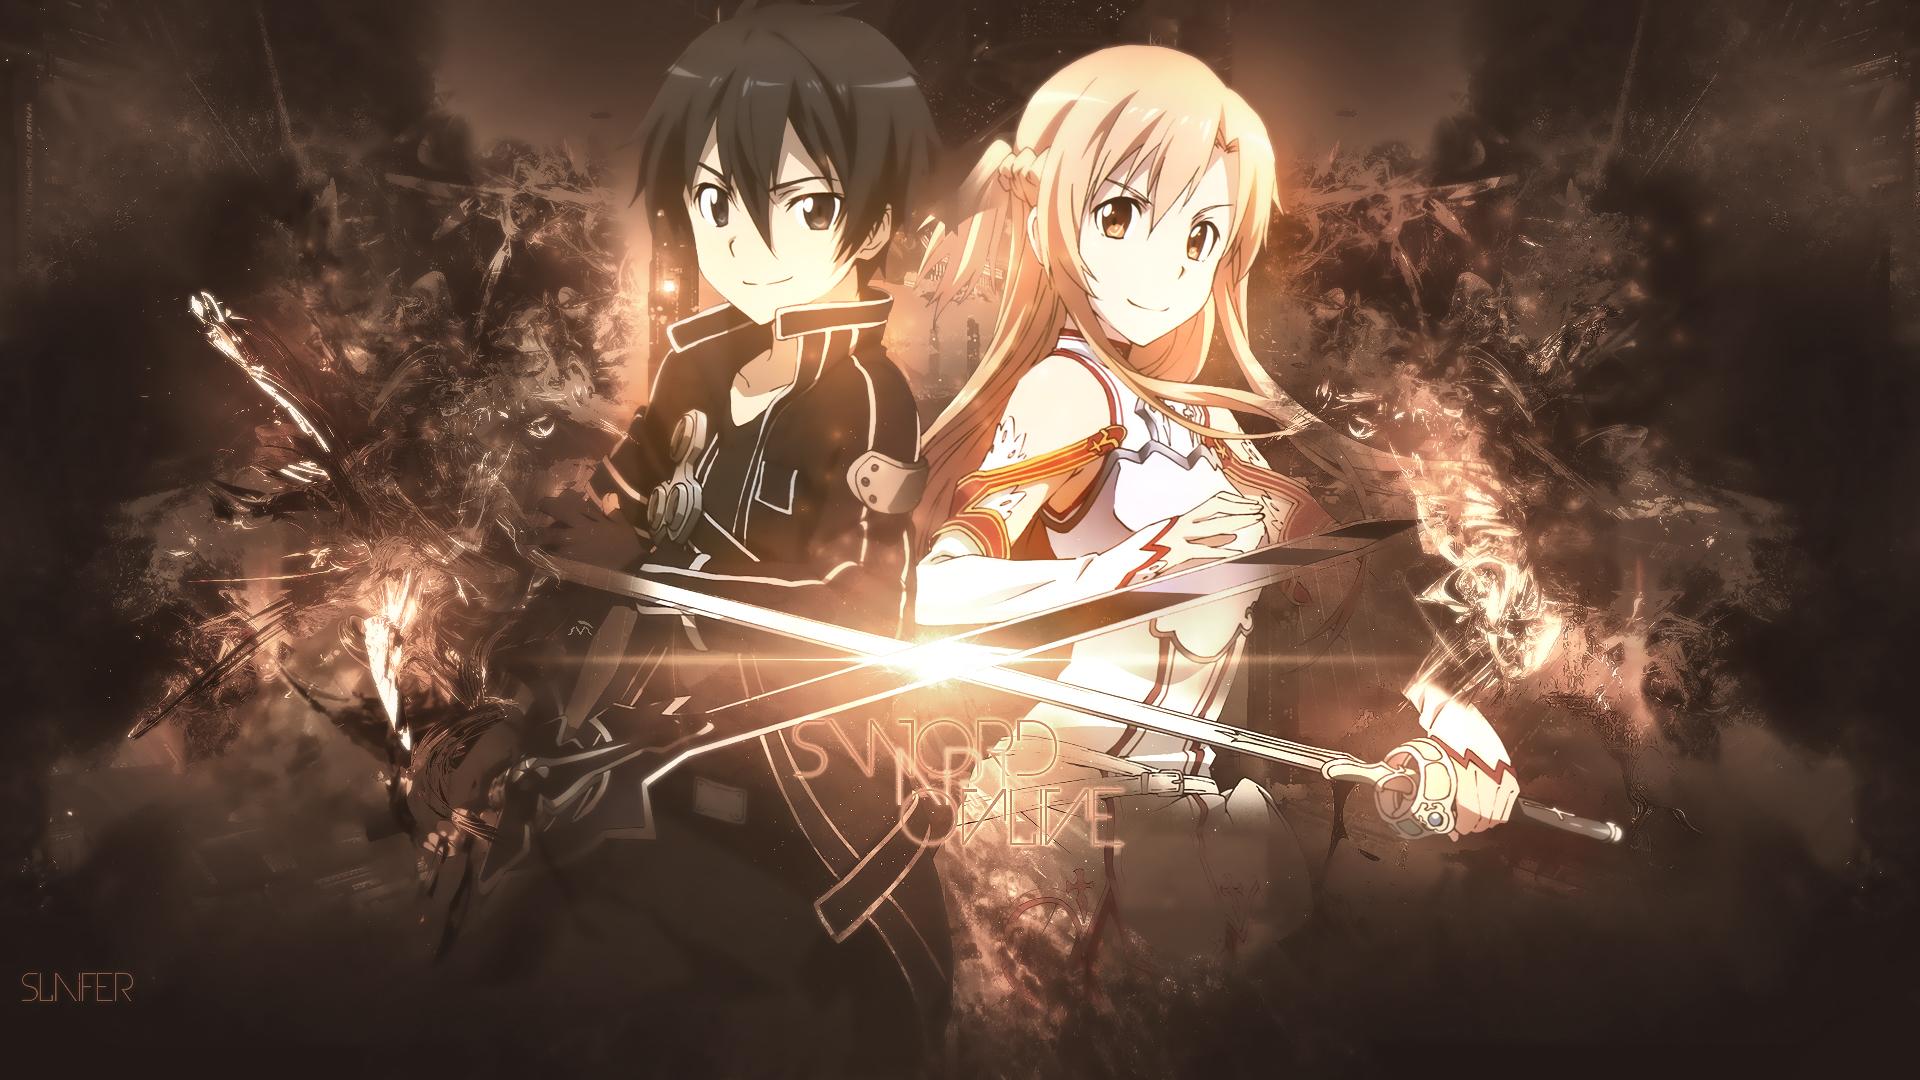 Sword Art Online wallpaper 6